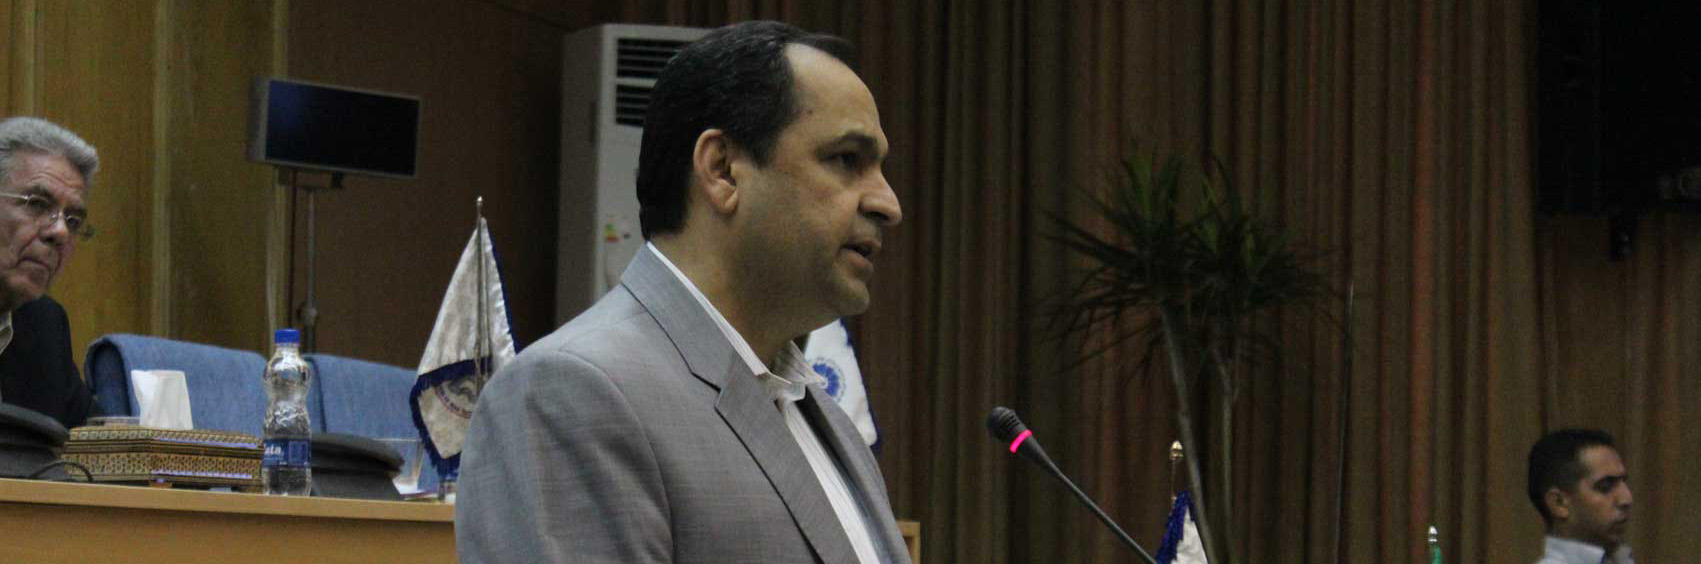 حضور نمایندگان دولت در اتاق تهران به نفع بخش خصوصی است